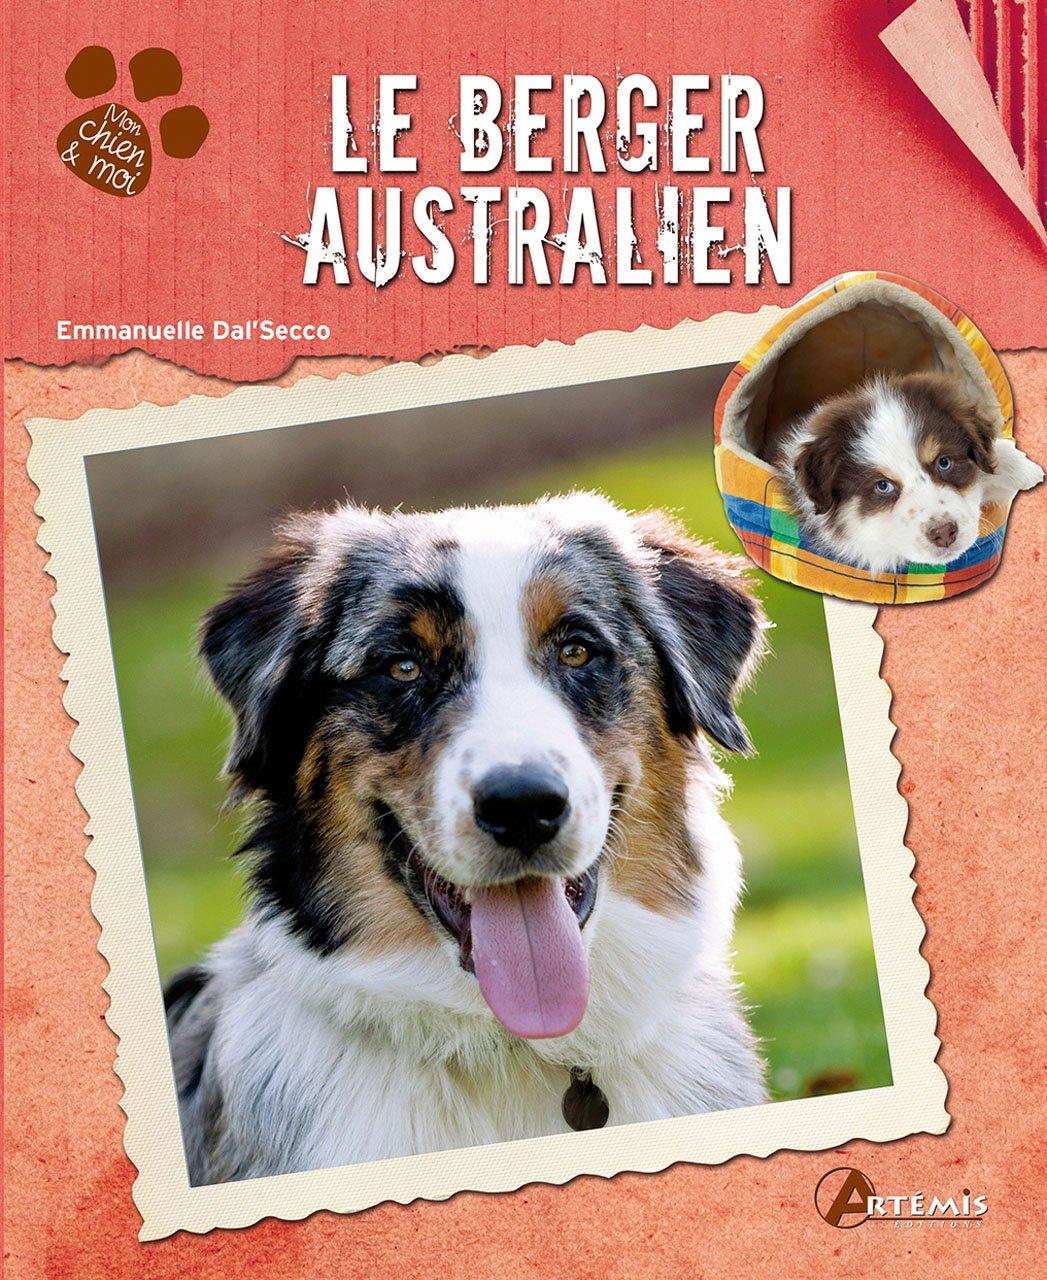 LE BERGER AUSTRALIEN Relié – 15 avril 2012 Collectif Artemis 2816002497 Livres de référence